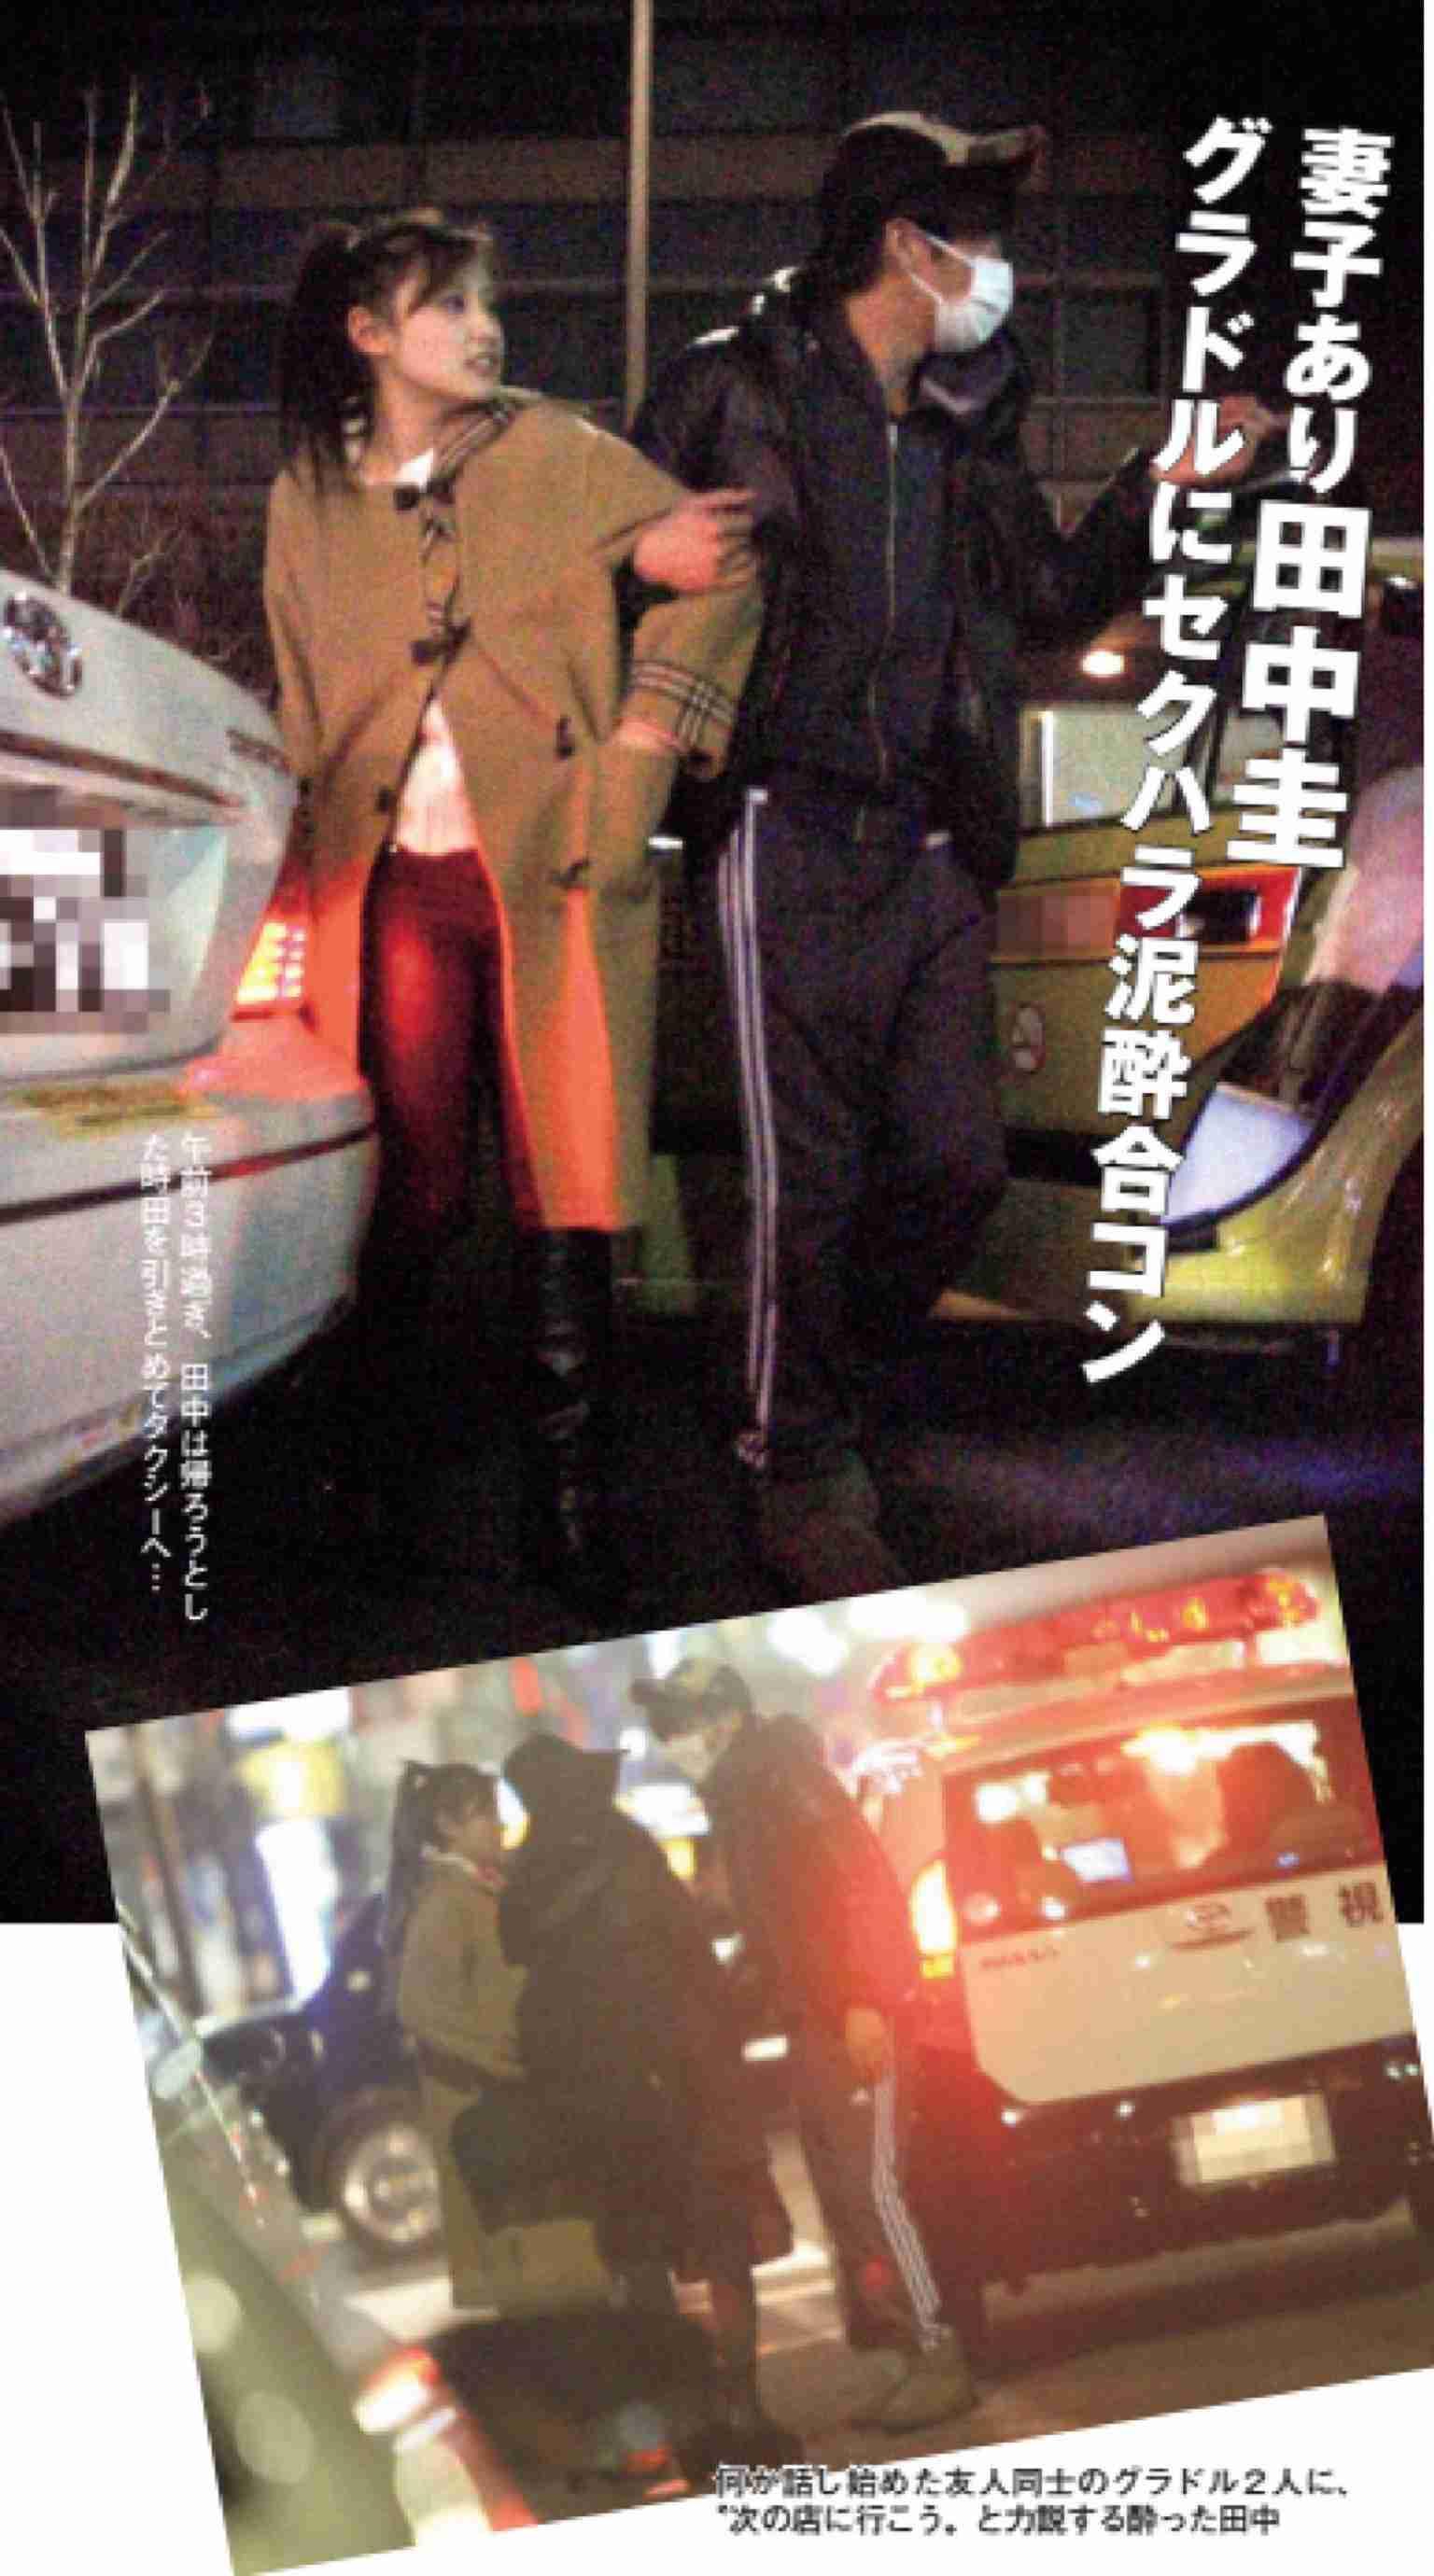 『おっさんずラブ』田中圭、グラドルと合コンするも意外に紳士の過去